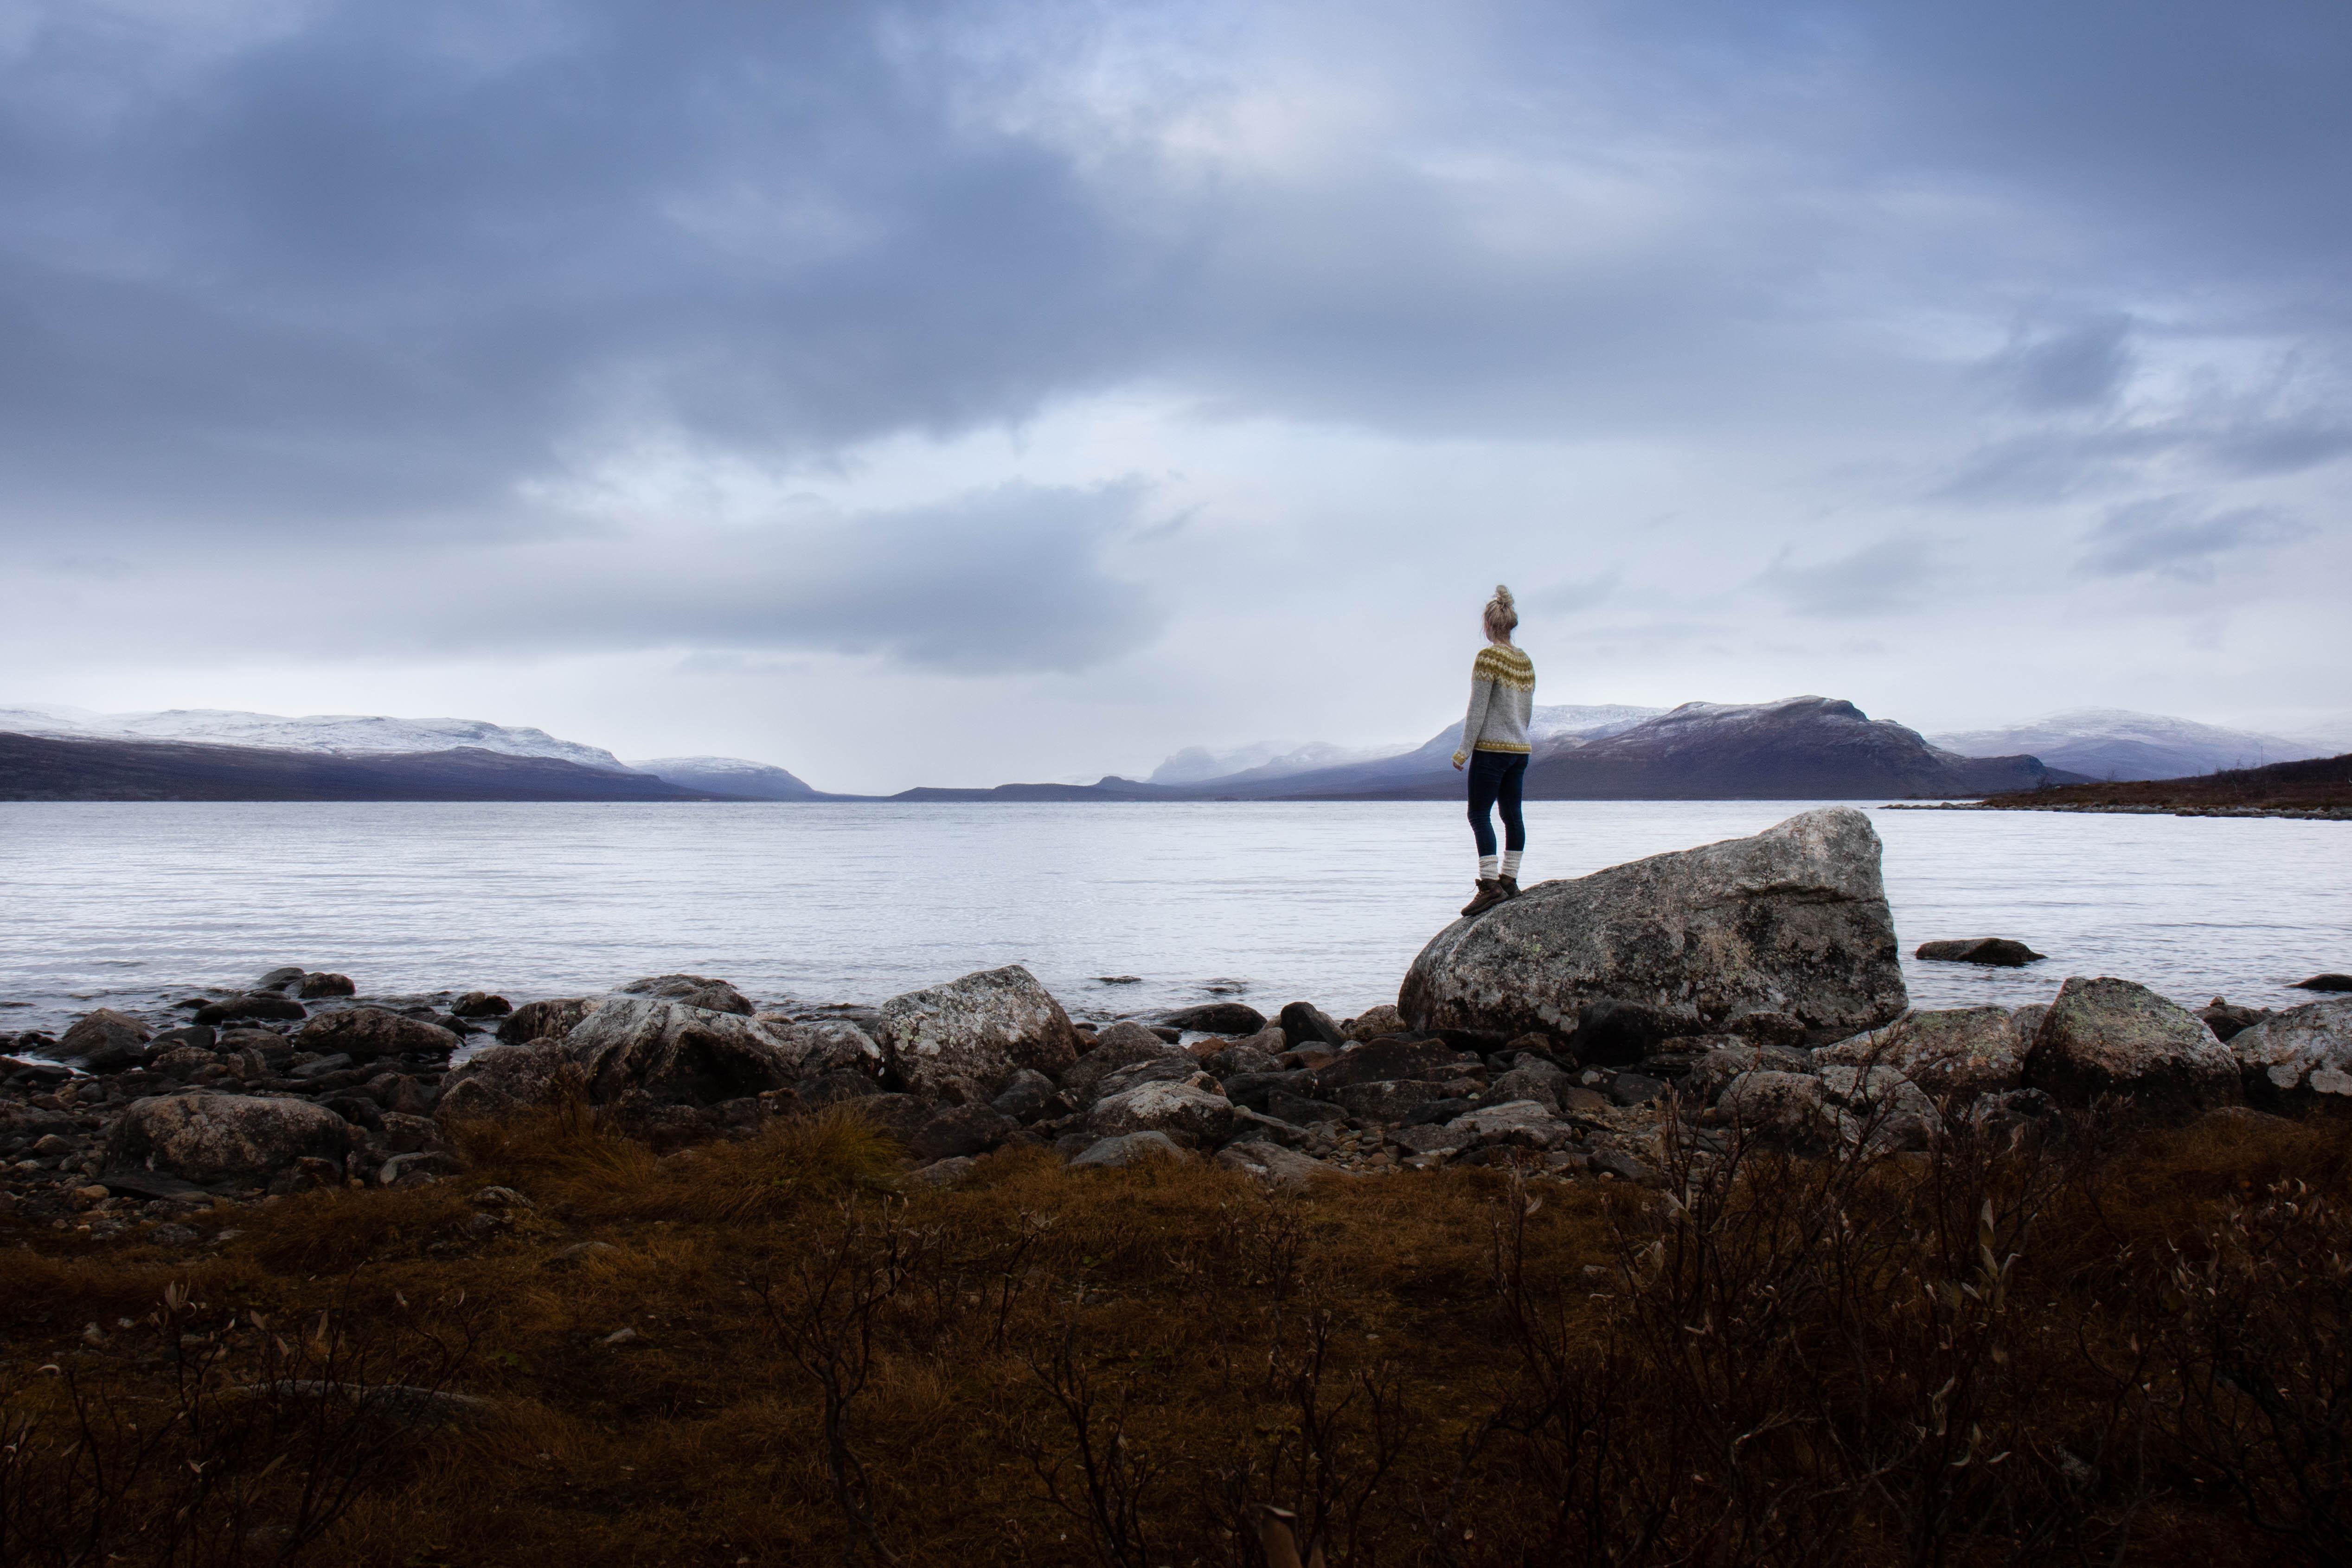 Kilpisjärven rannalla lokakuussa. Norjan vuoristo vastarannalla.